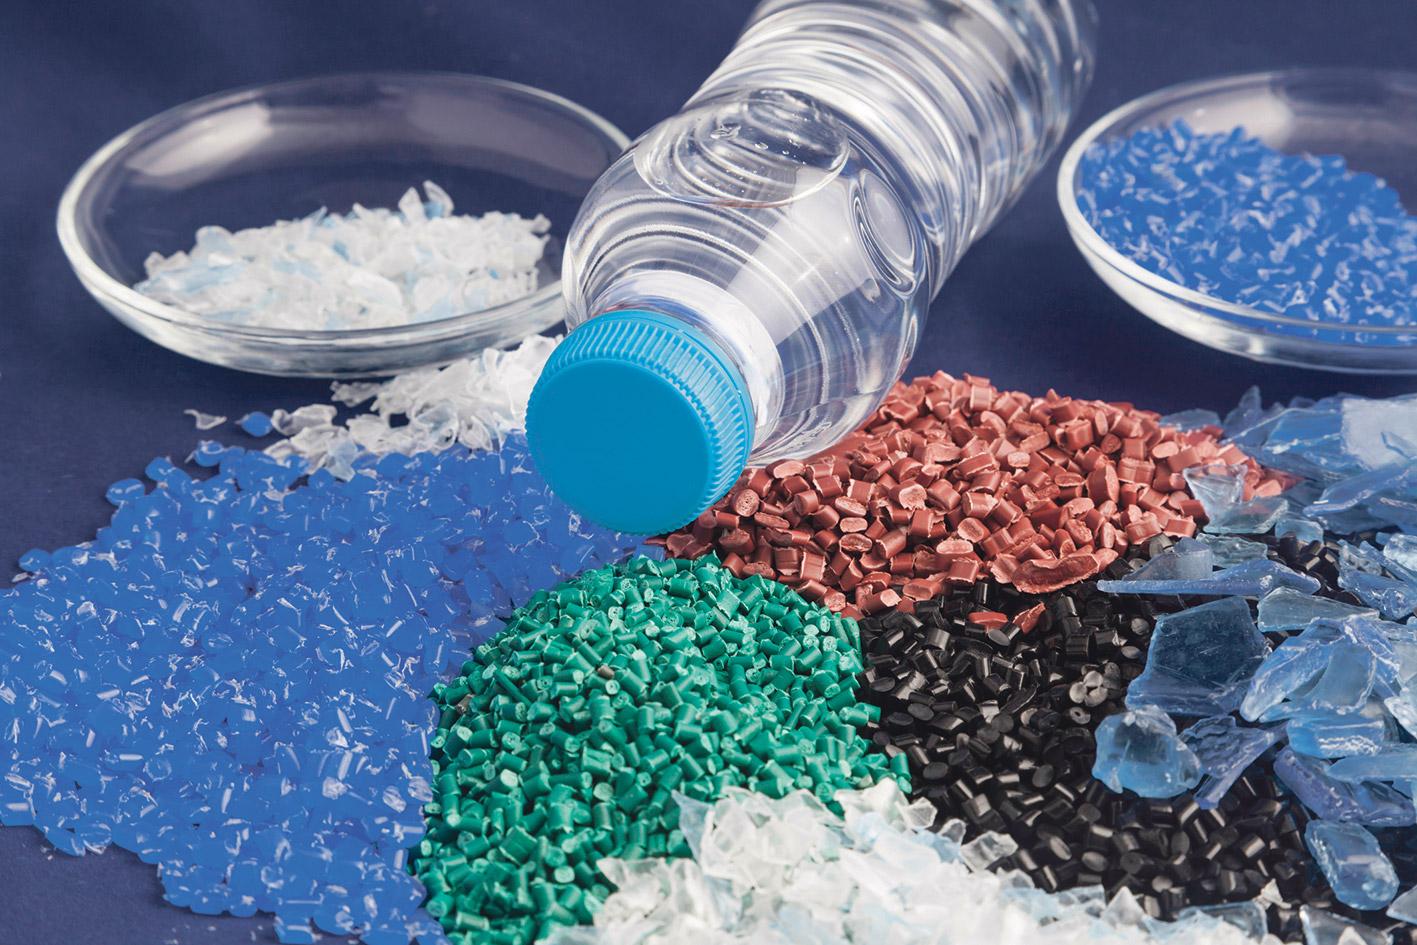 Plastikflasche und verschiedene Kunststoffe